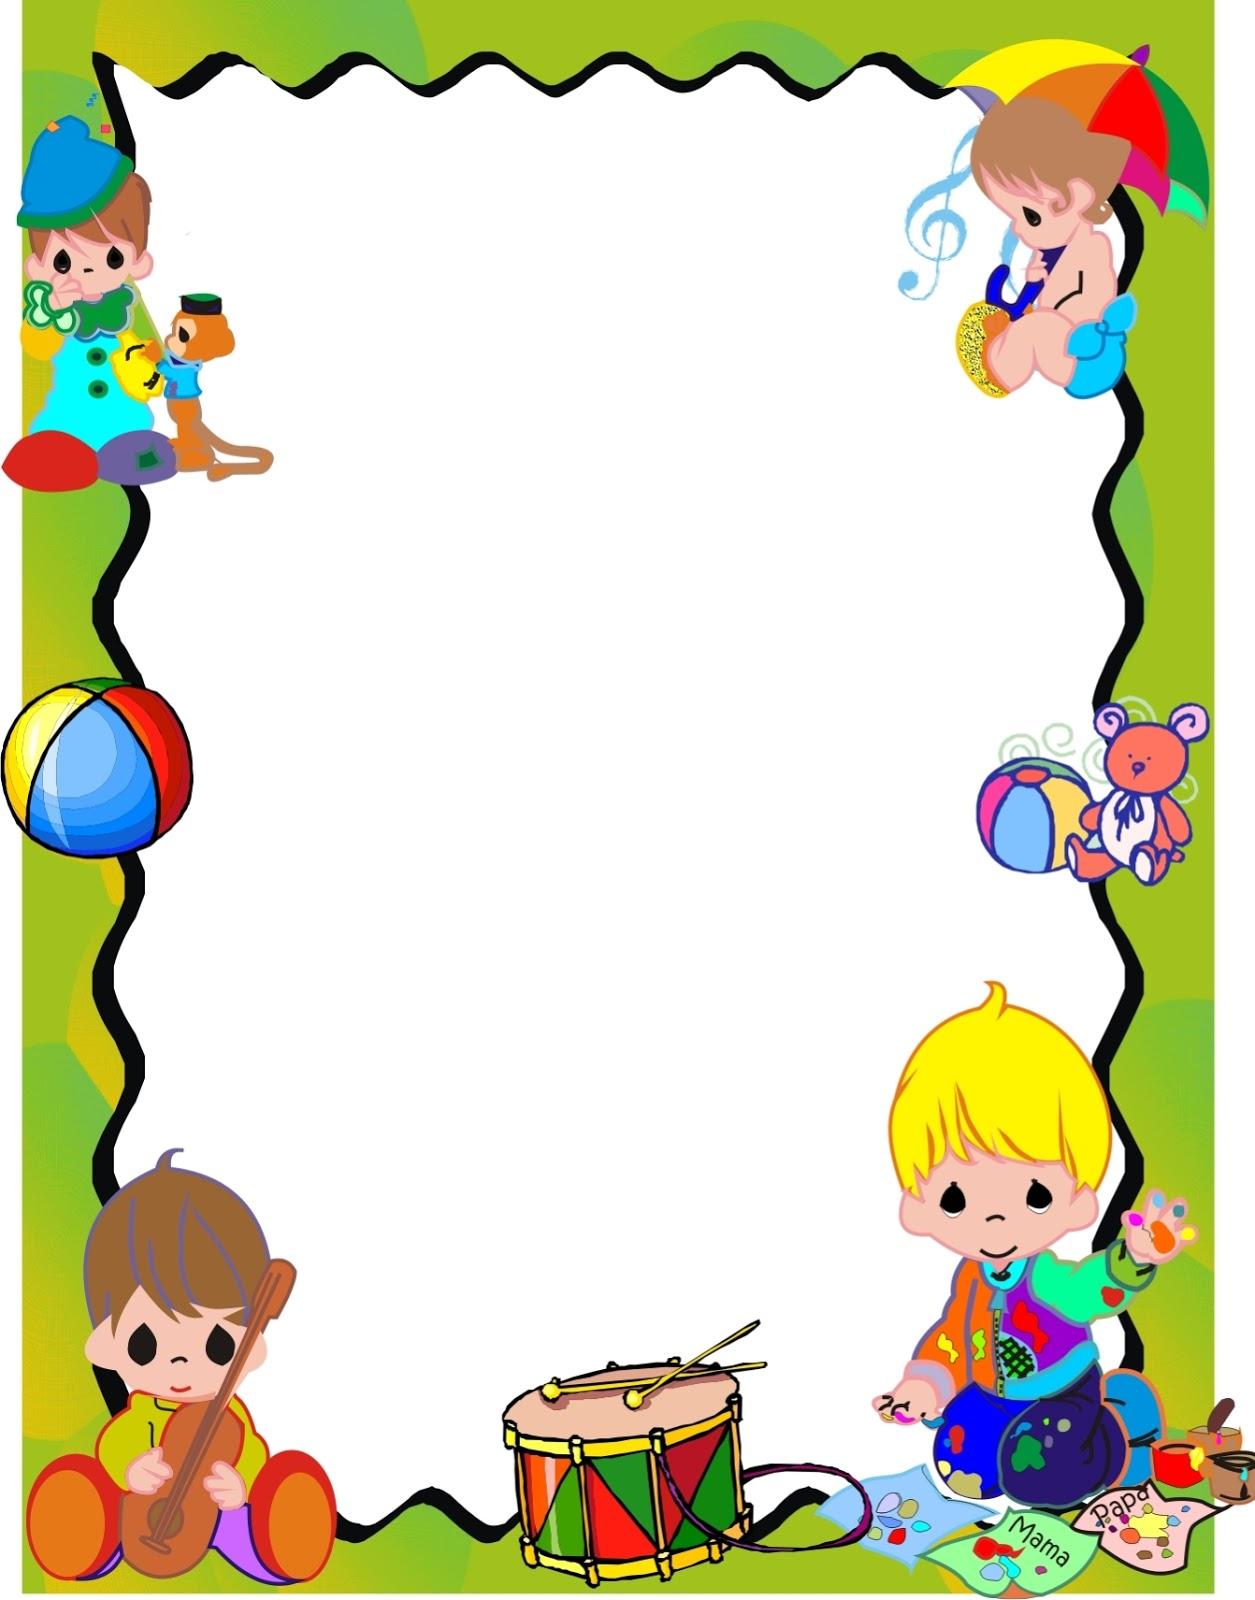 Bordes decorativos infantiles gratis - Imagui